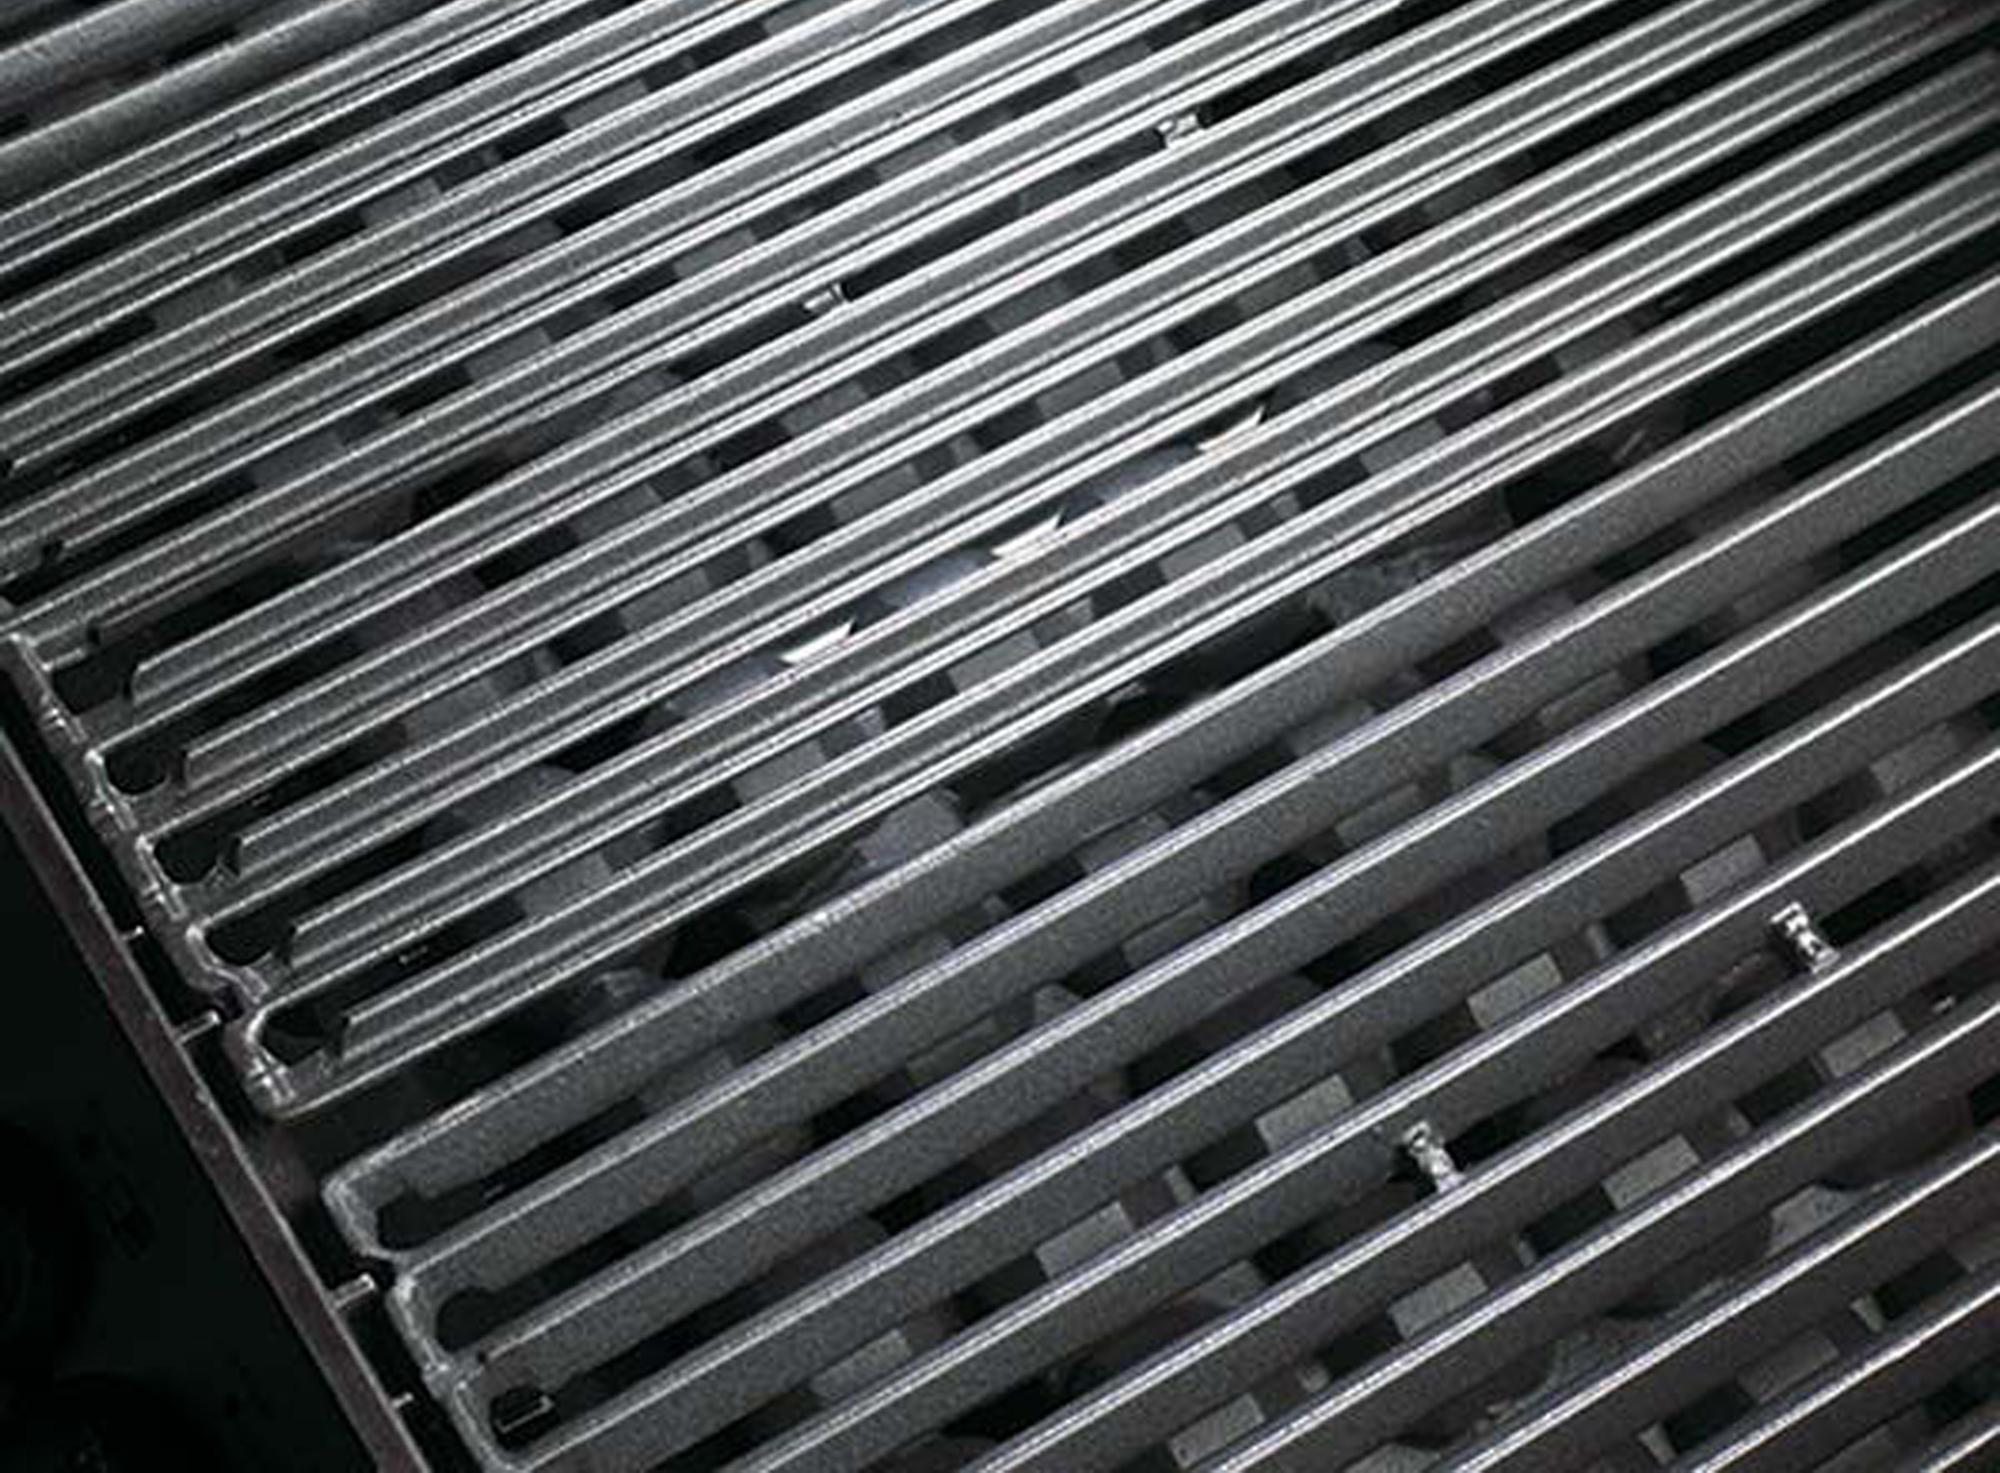 Tepro Holzkohlegrill Ersatzteile : Grillrost shop: gusseisen oder edelstahl grillrost kaufen